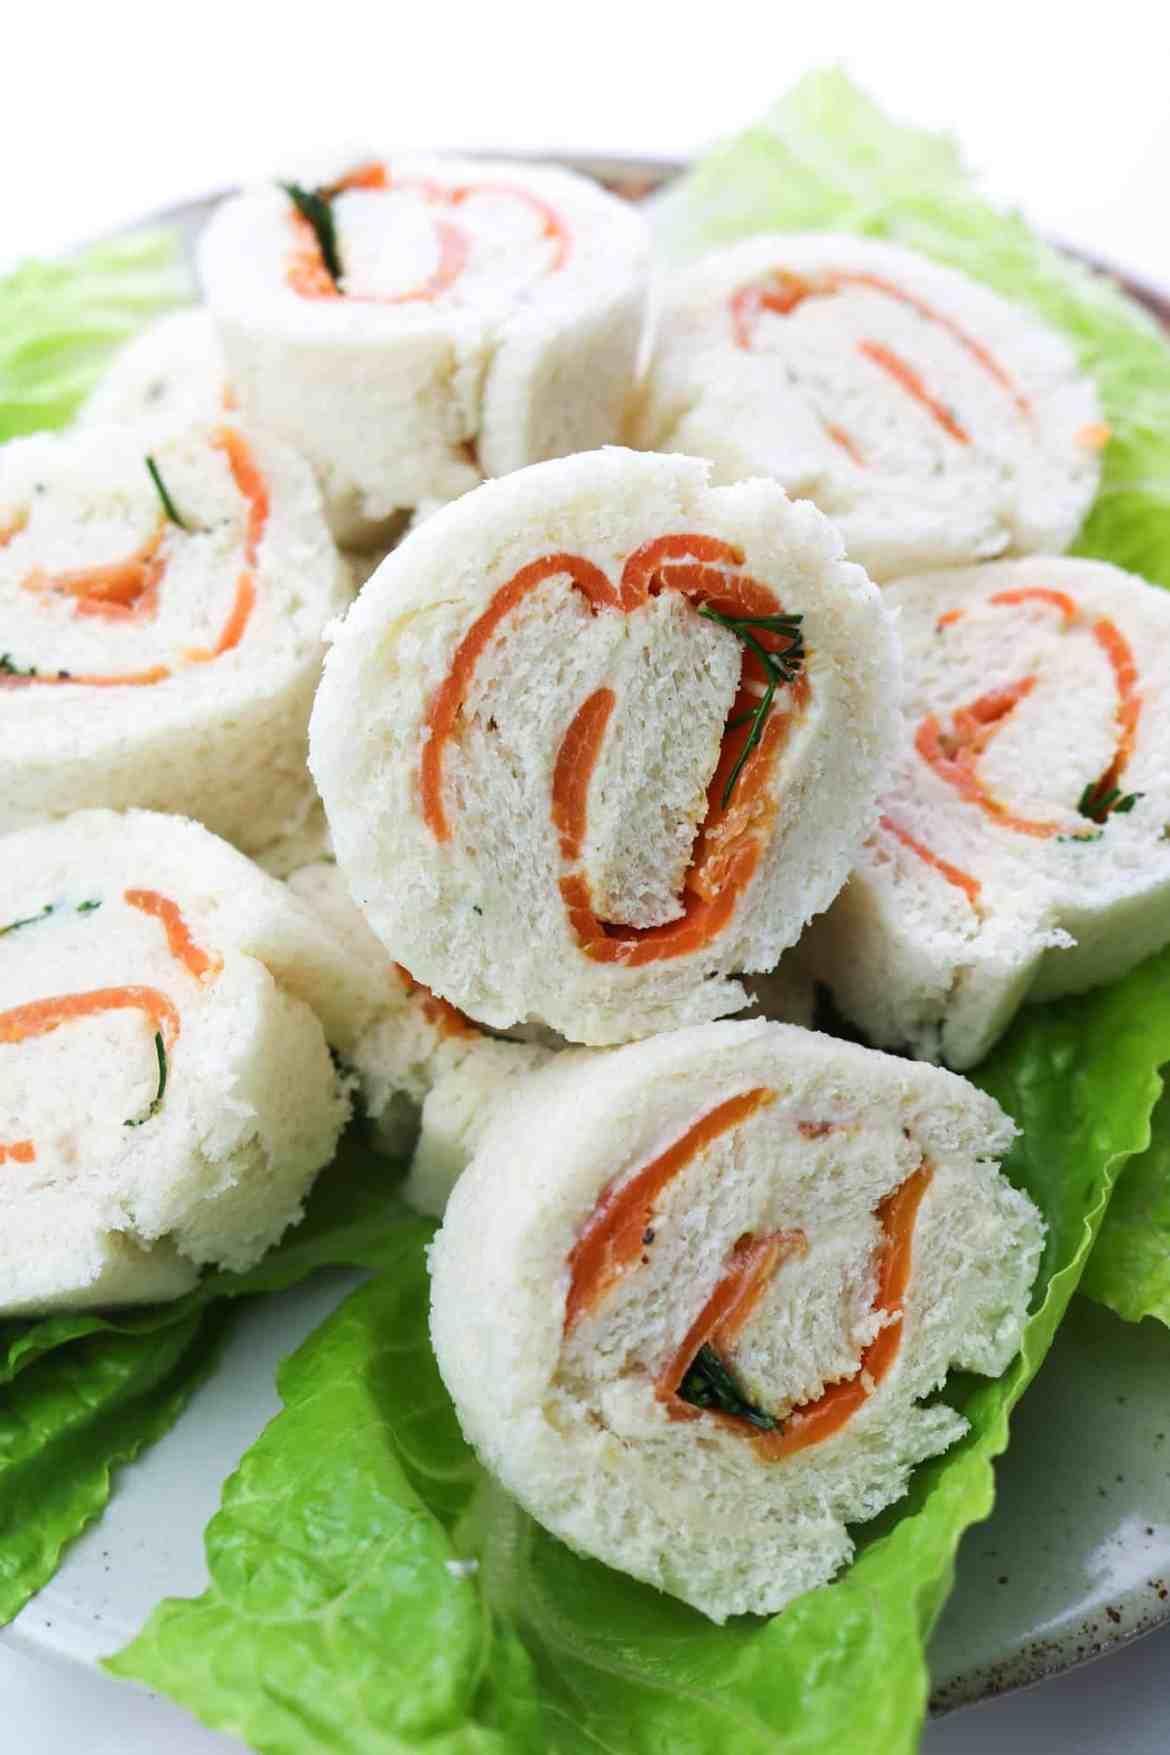 tramezzini vegan arrotolati al salmone e formaggio vegan su piatto da portata dettaglio